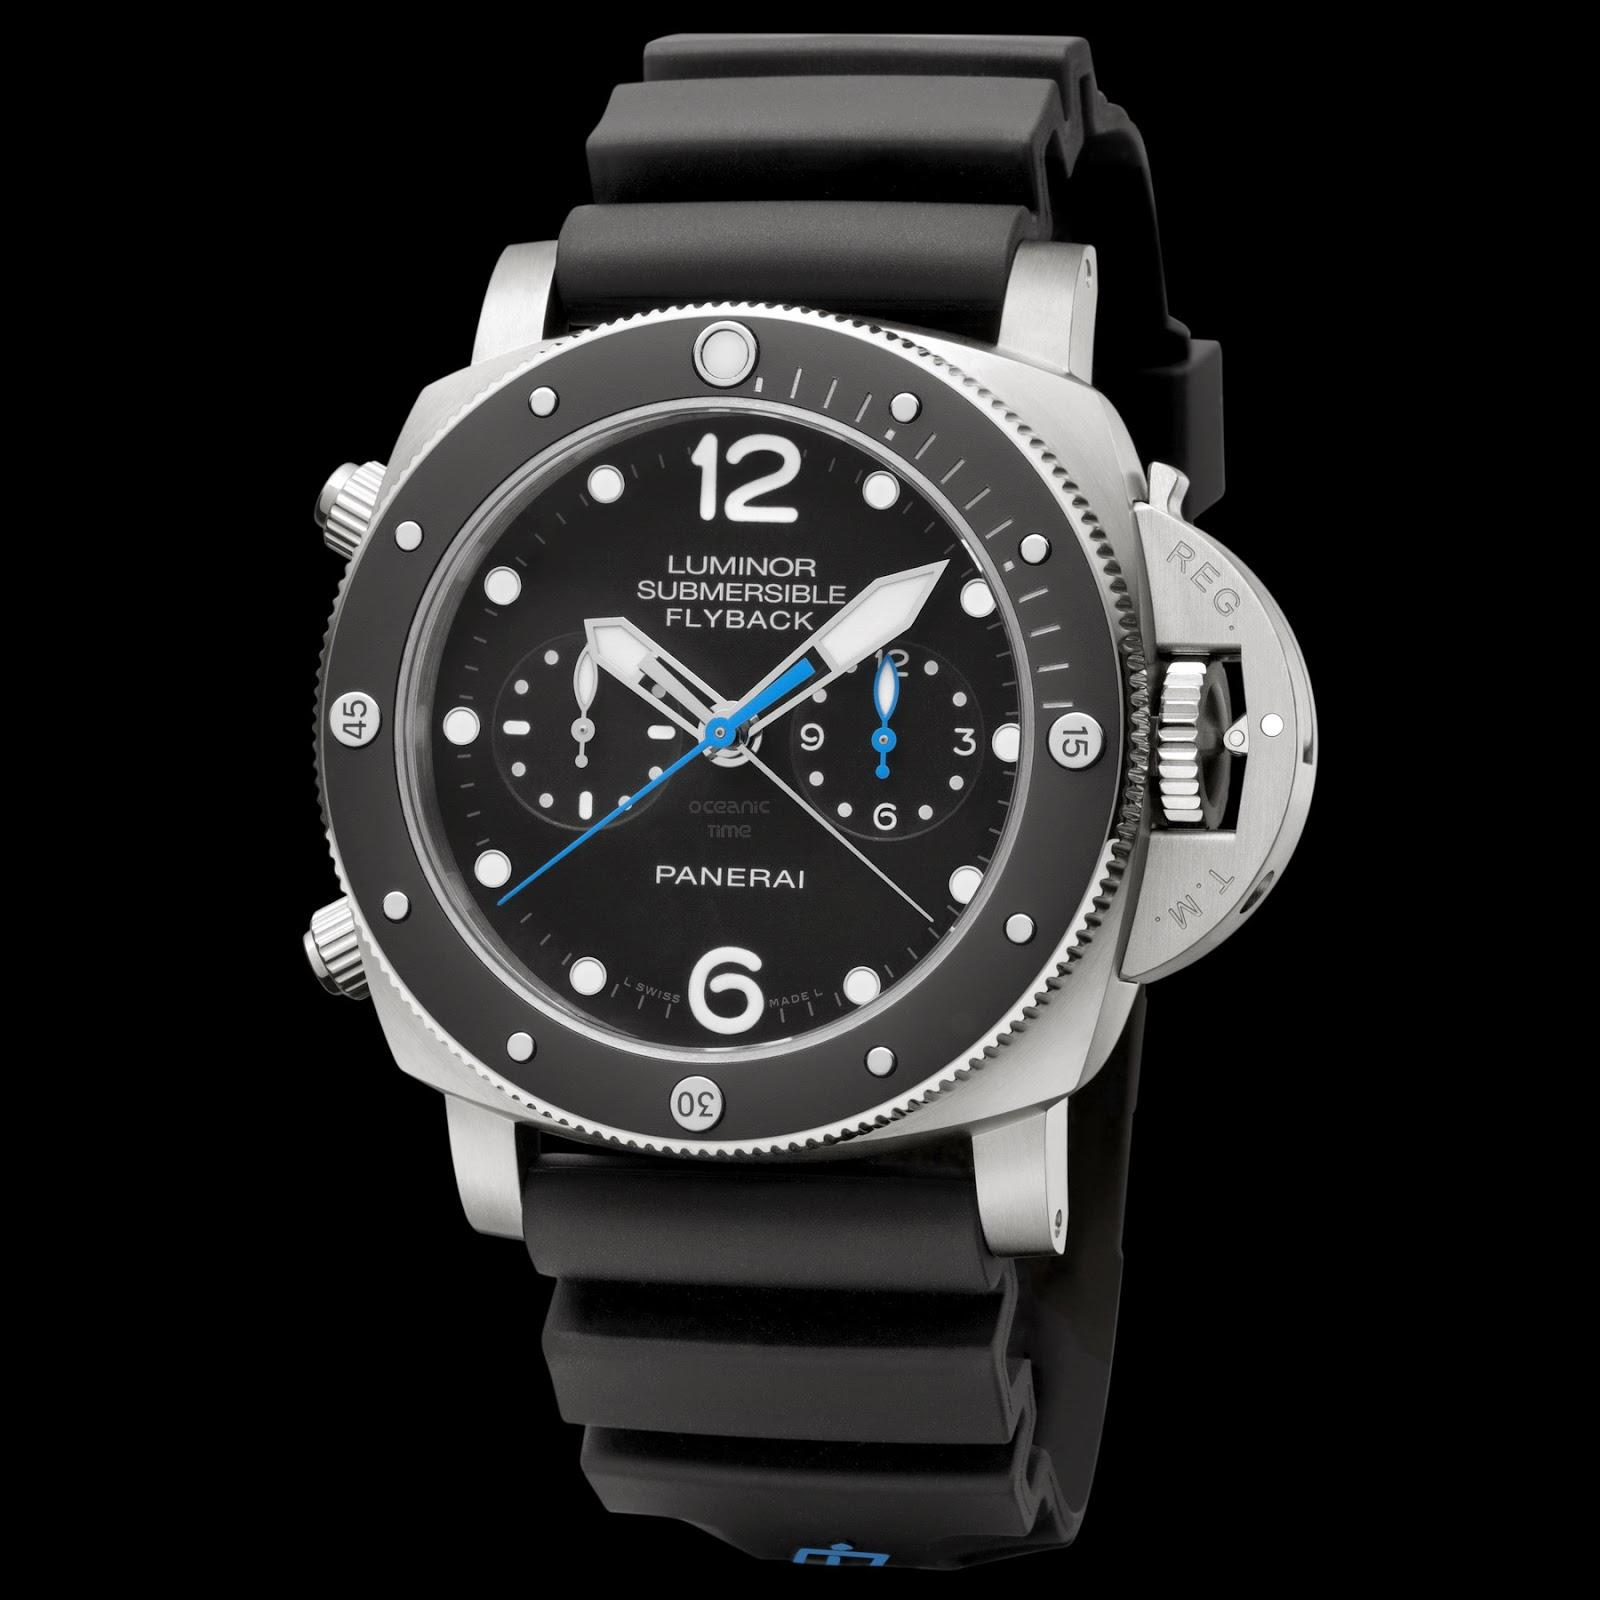 976dbe49fa3 Relógio Panerai Luminor Submersible  A Réplica dos Sonhos